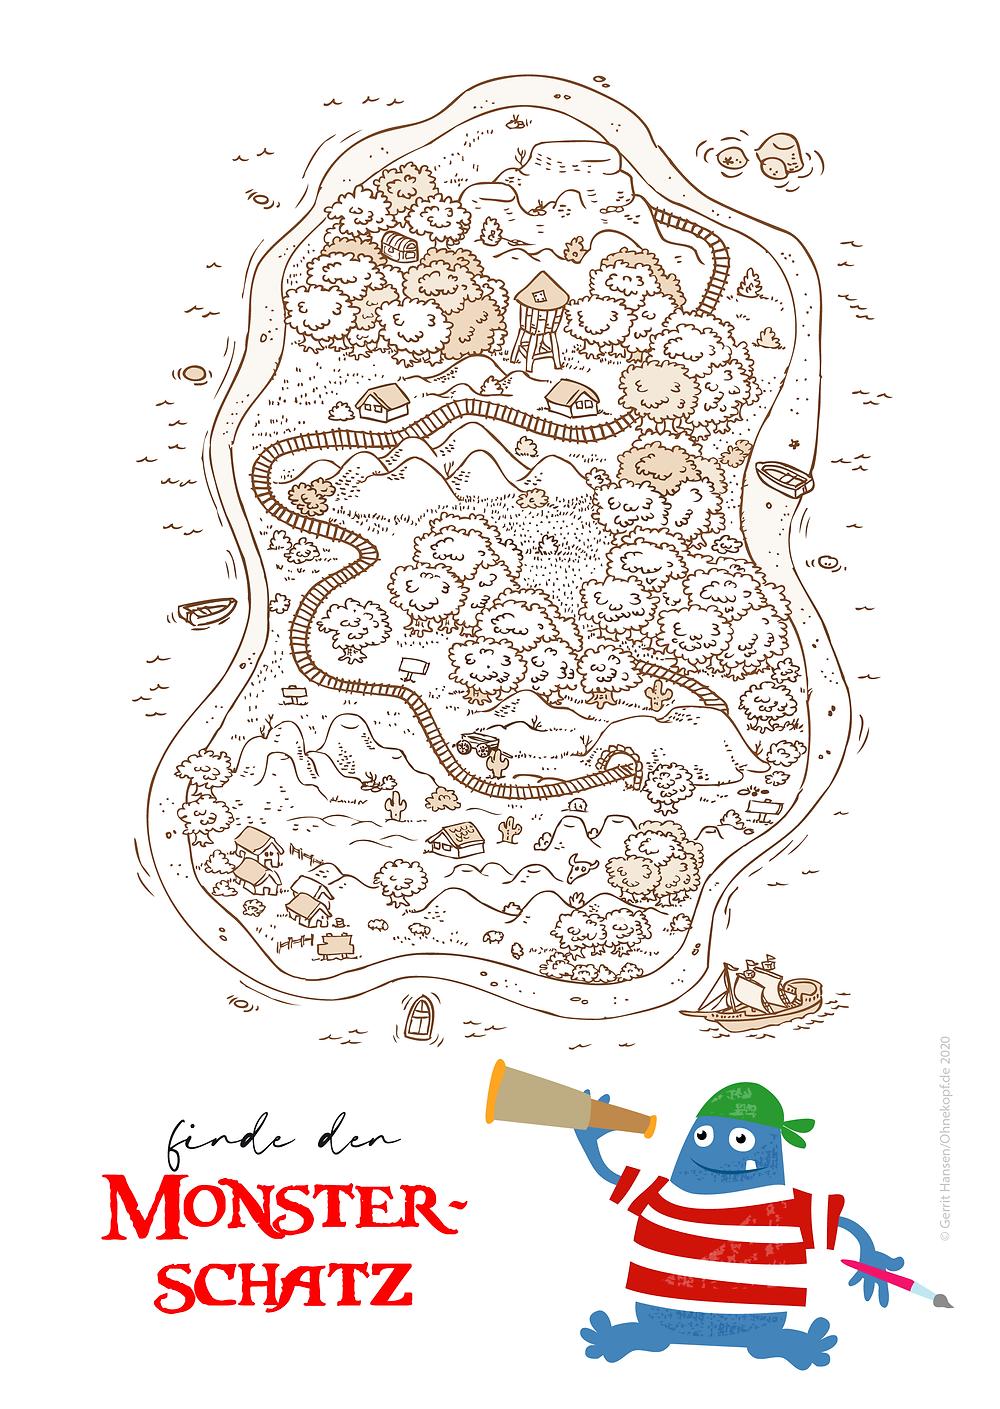 Finde den Monsterschatz